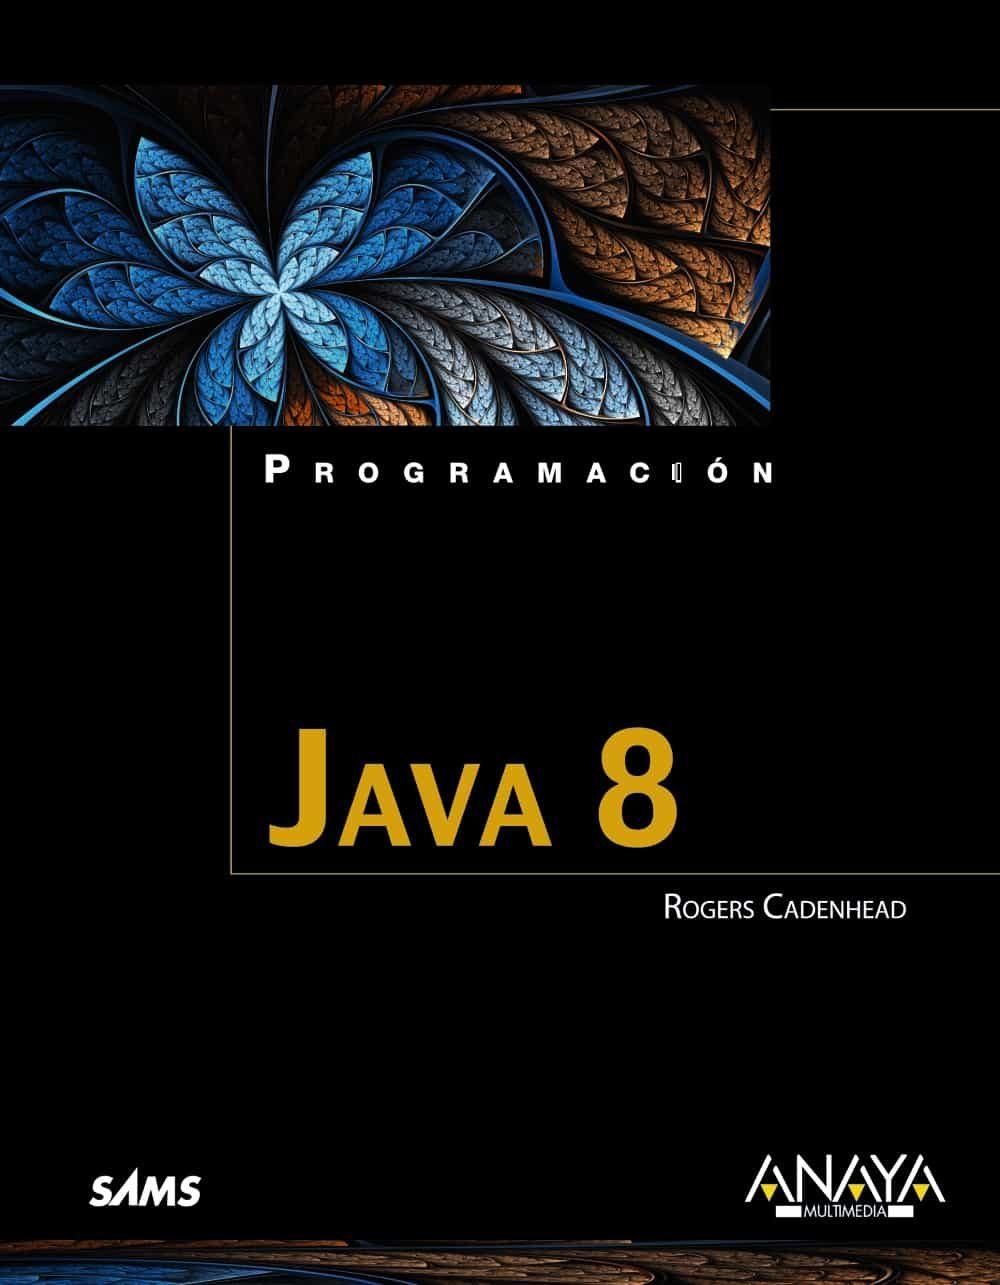 java 8 programacion rogers cadenhead comprar libro 9788441536319 rh casadellibro com manual programacion java pdf manual programacion java netbeans pdf